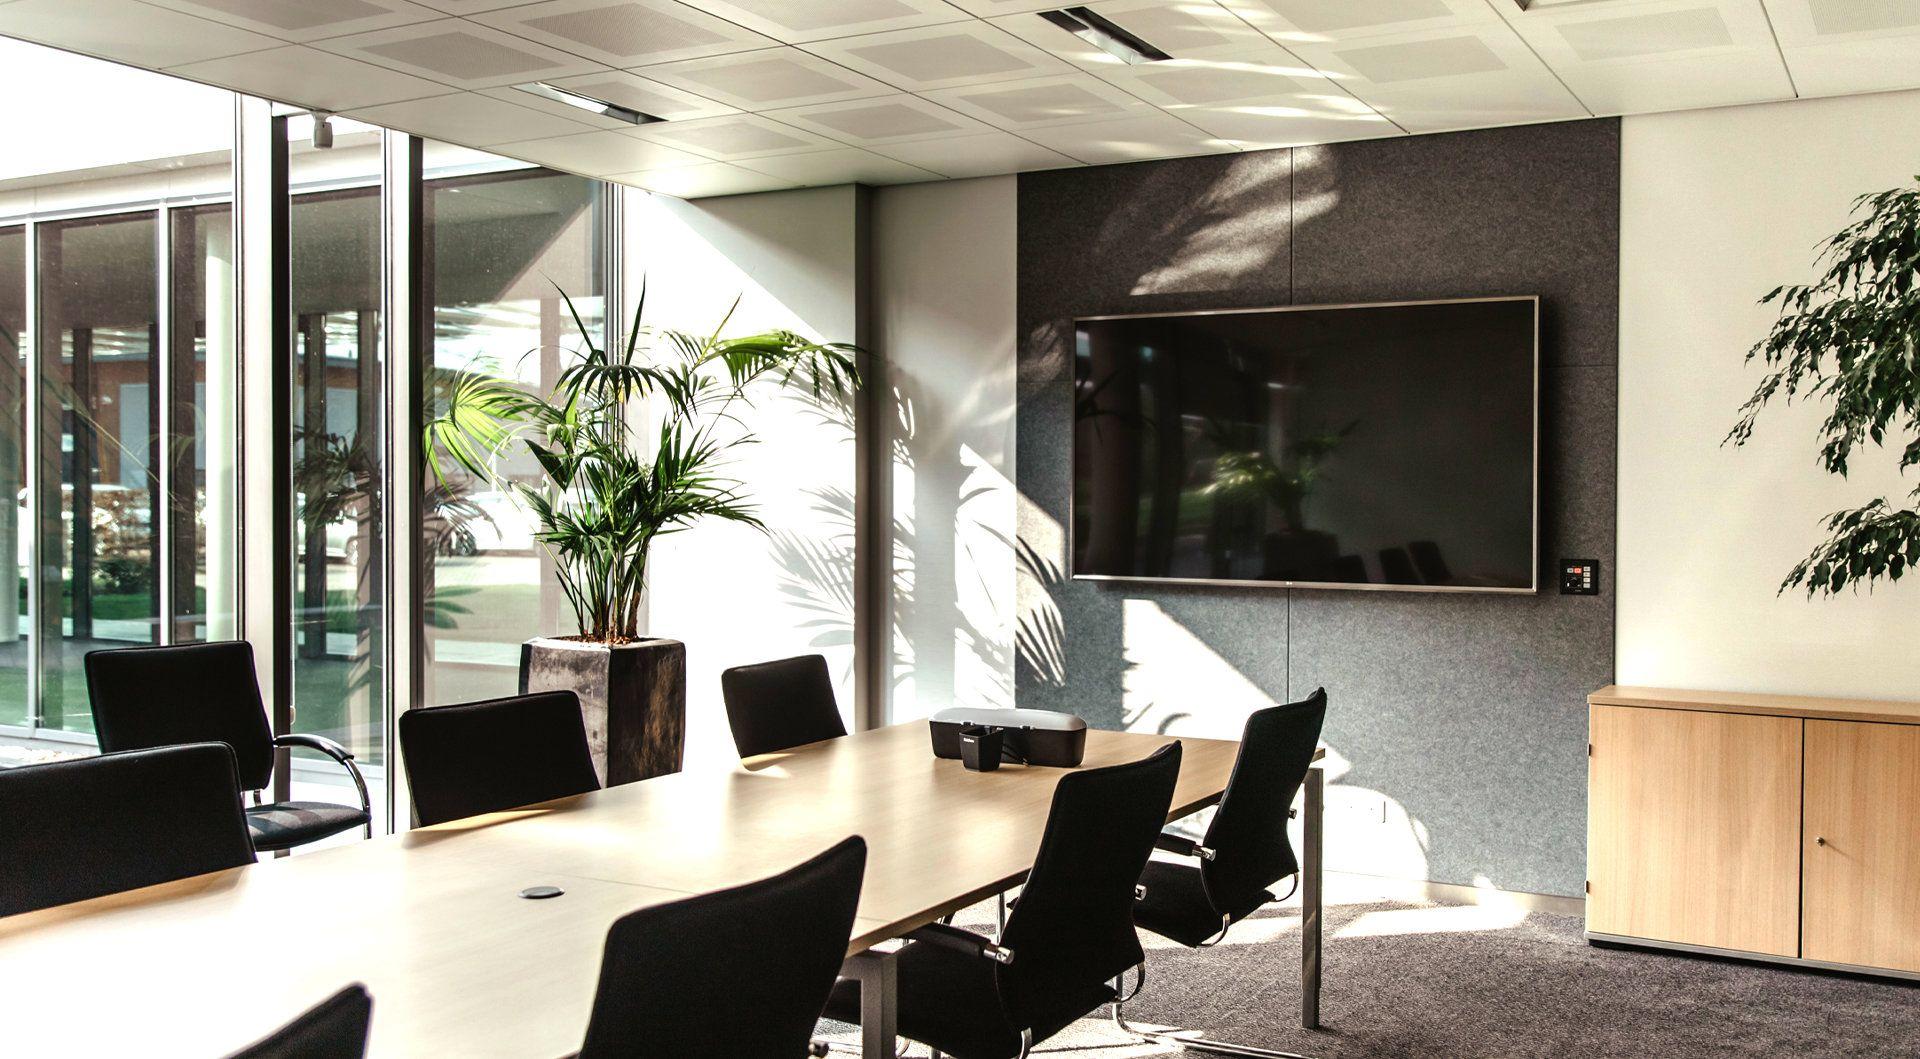 Conen Mounts CCE-EXT20 accessoire montage flatscreen - Case studie de vries